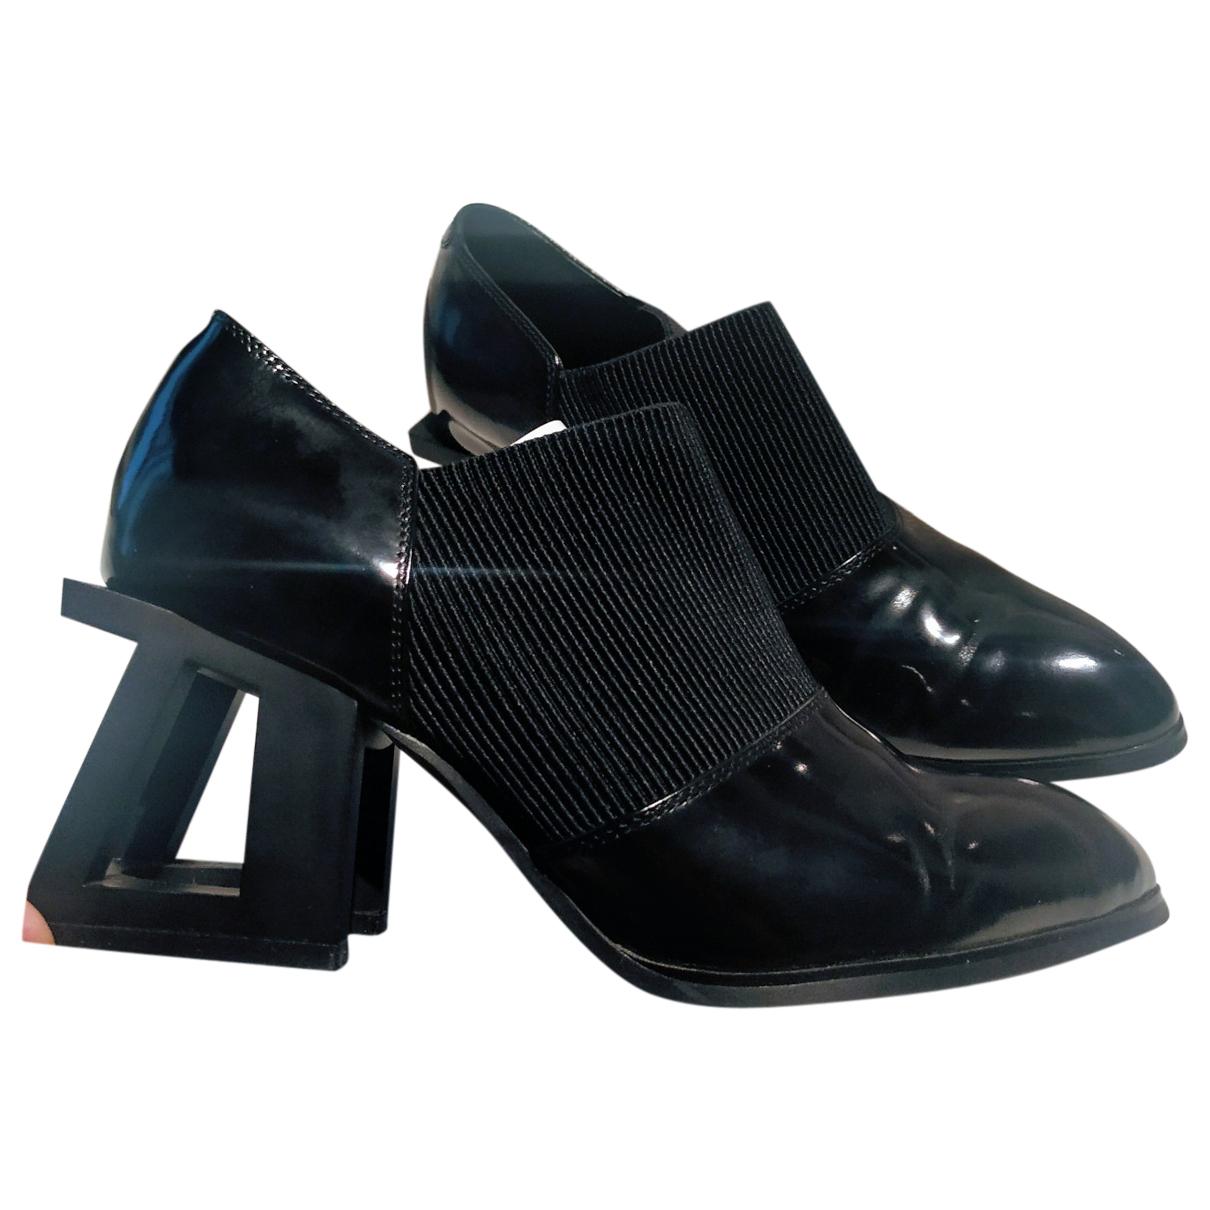 Jeffrey Campbell - Escarpins   pour femme en cuir - noir